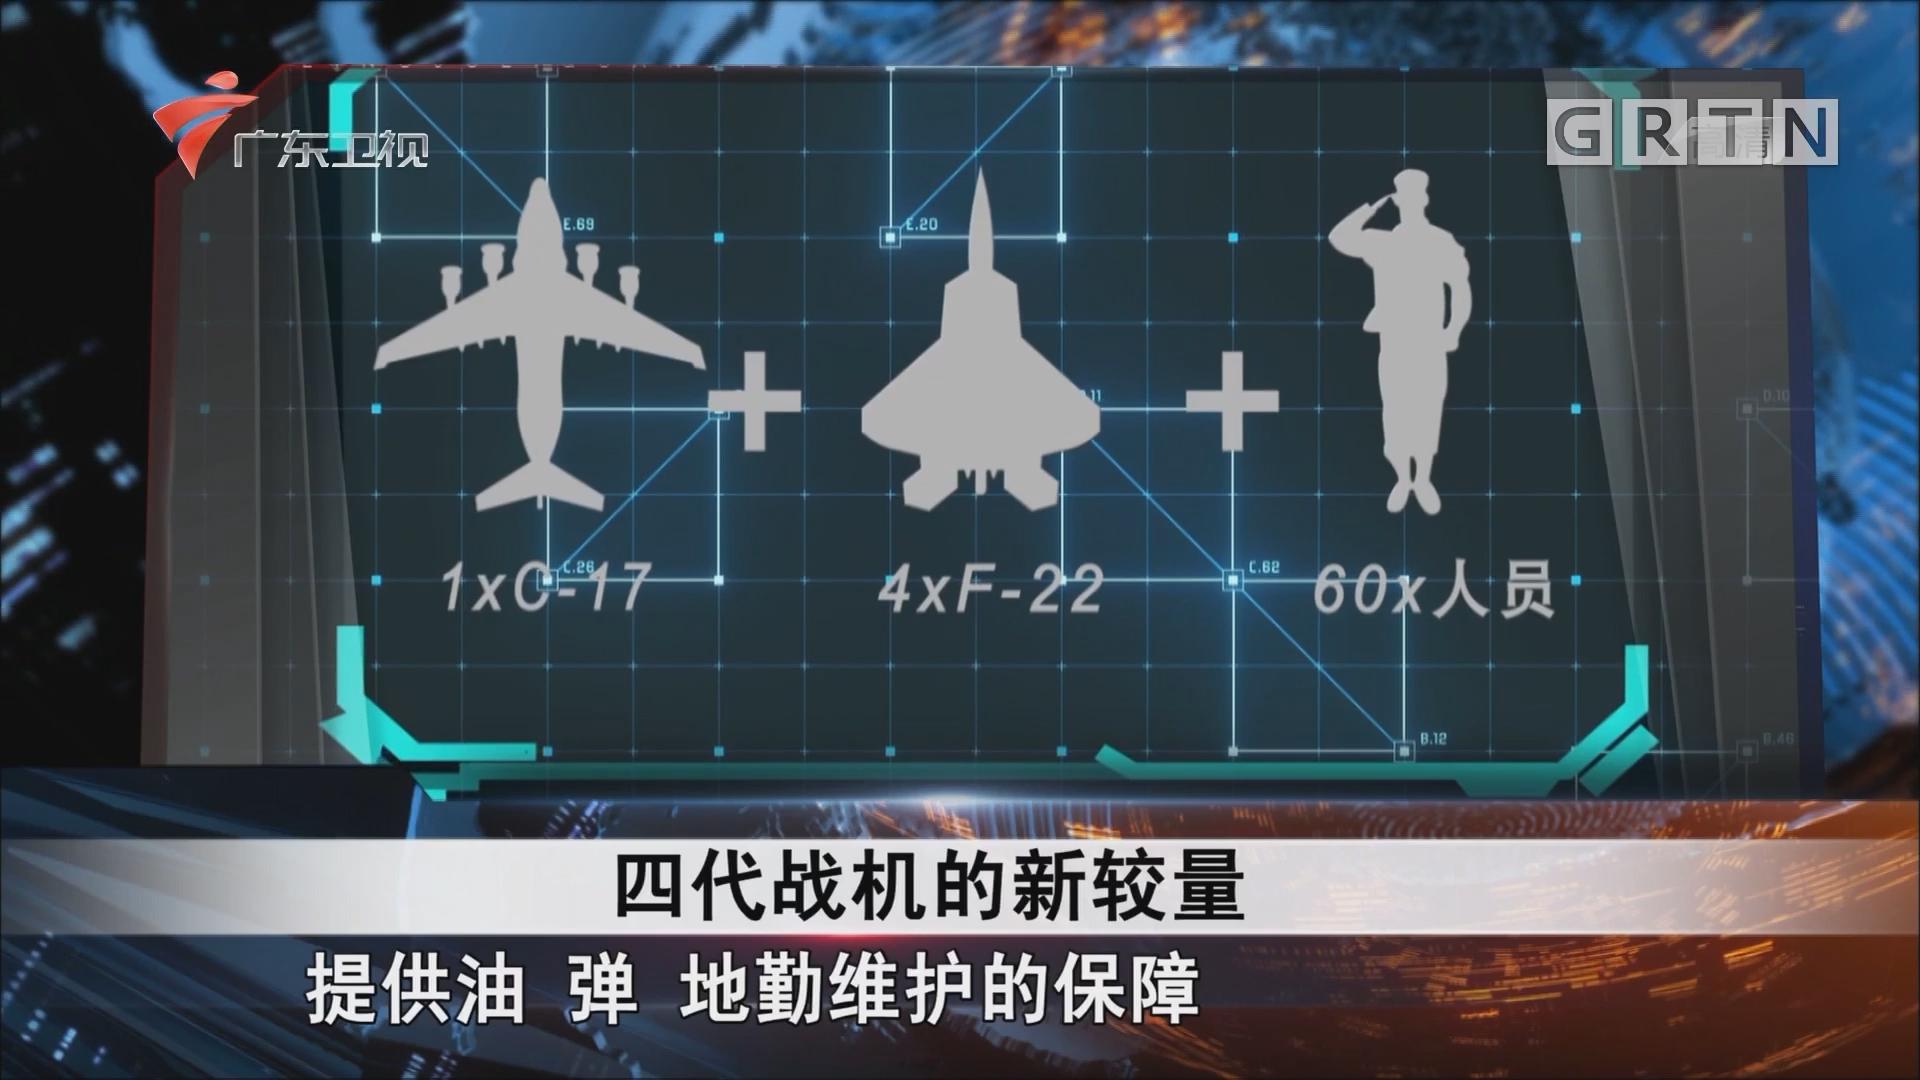 [HD][2018-12-02]全球零距离:四代战机的新较量